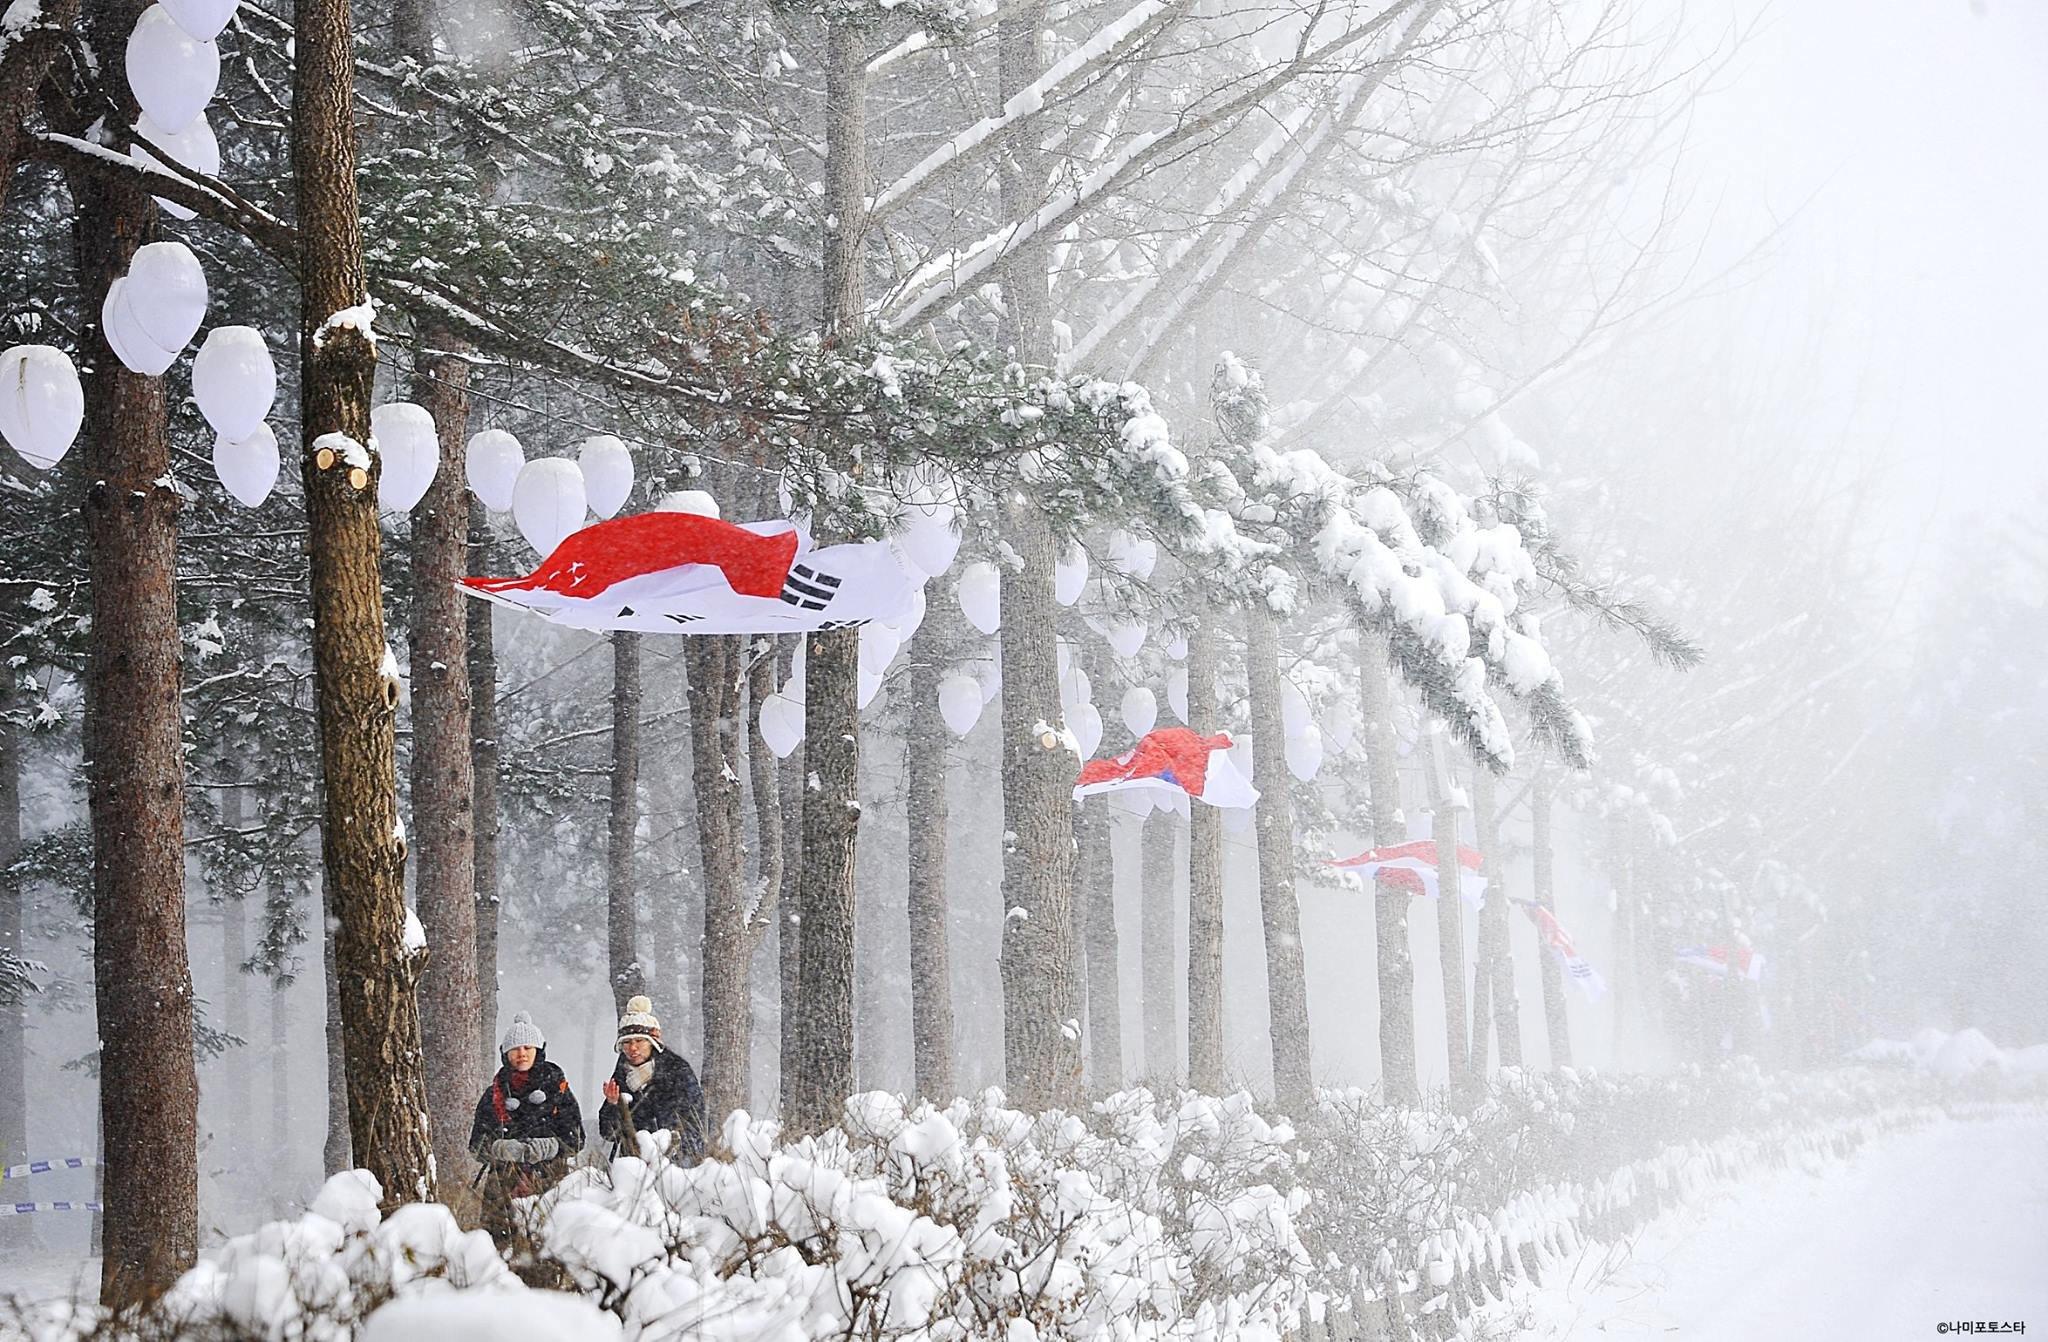 Snowing at Nami Island